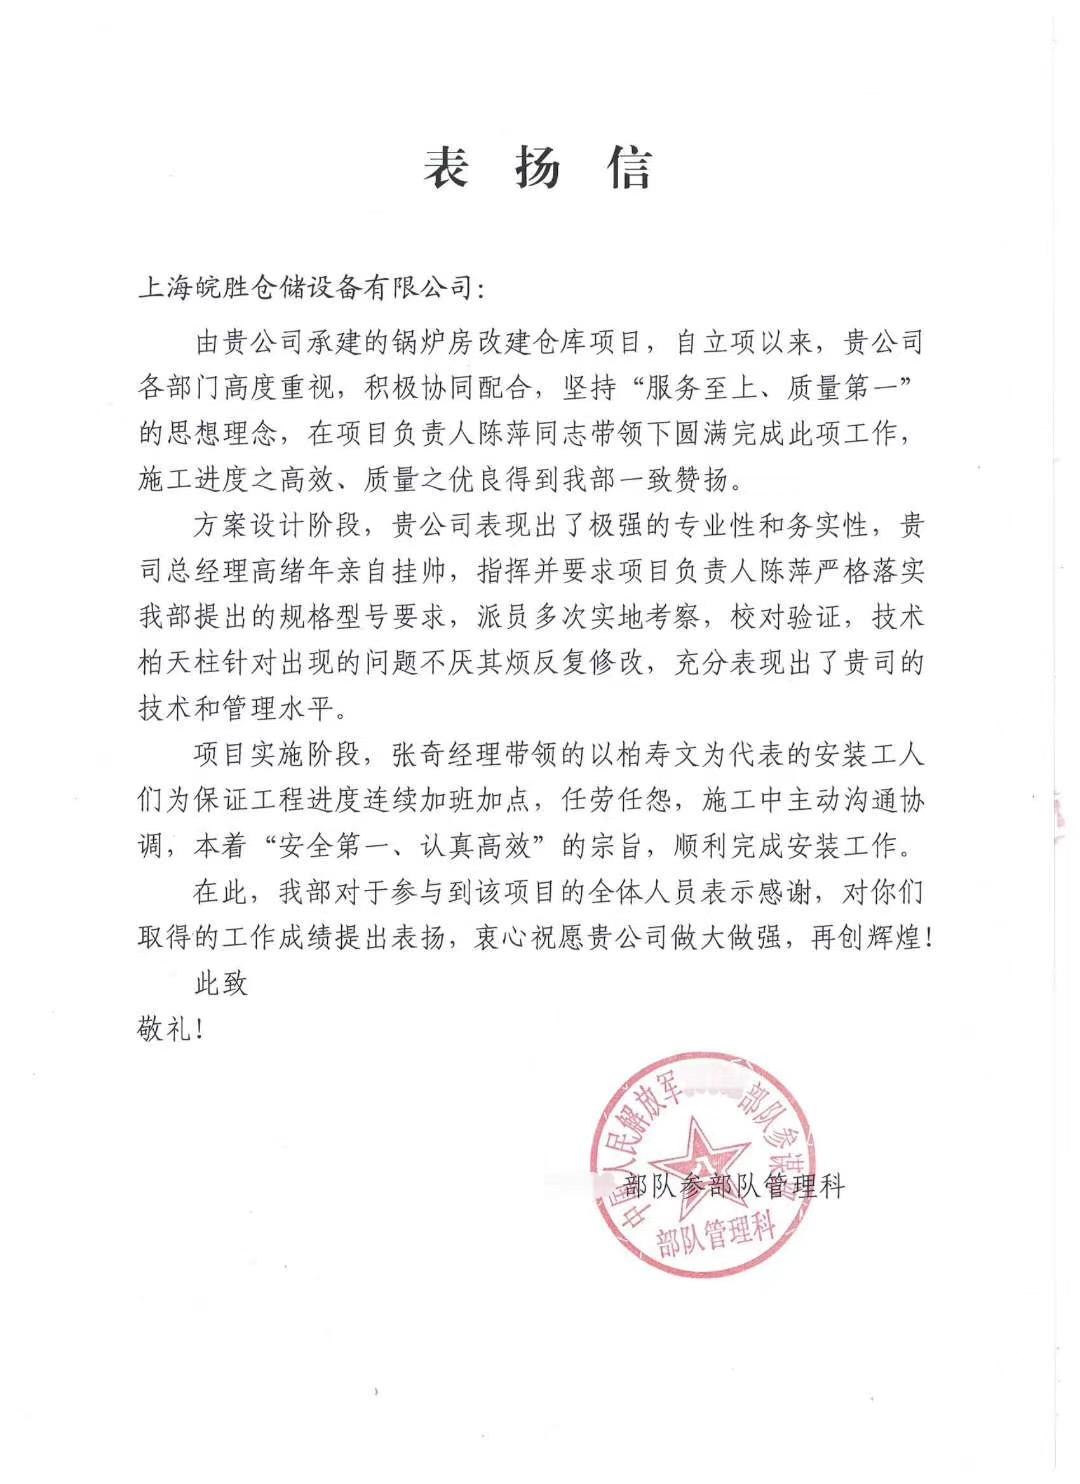 好事成双,我司再度收到中国人民解放军某部队参谋部表扬信!!